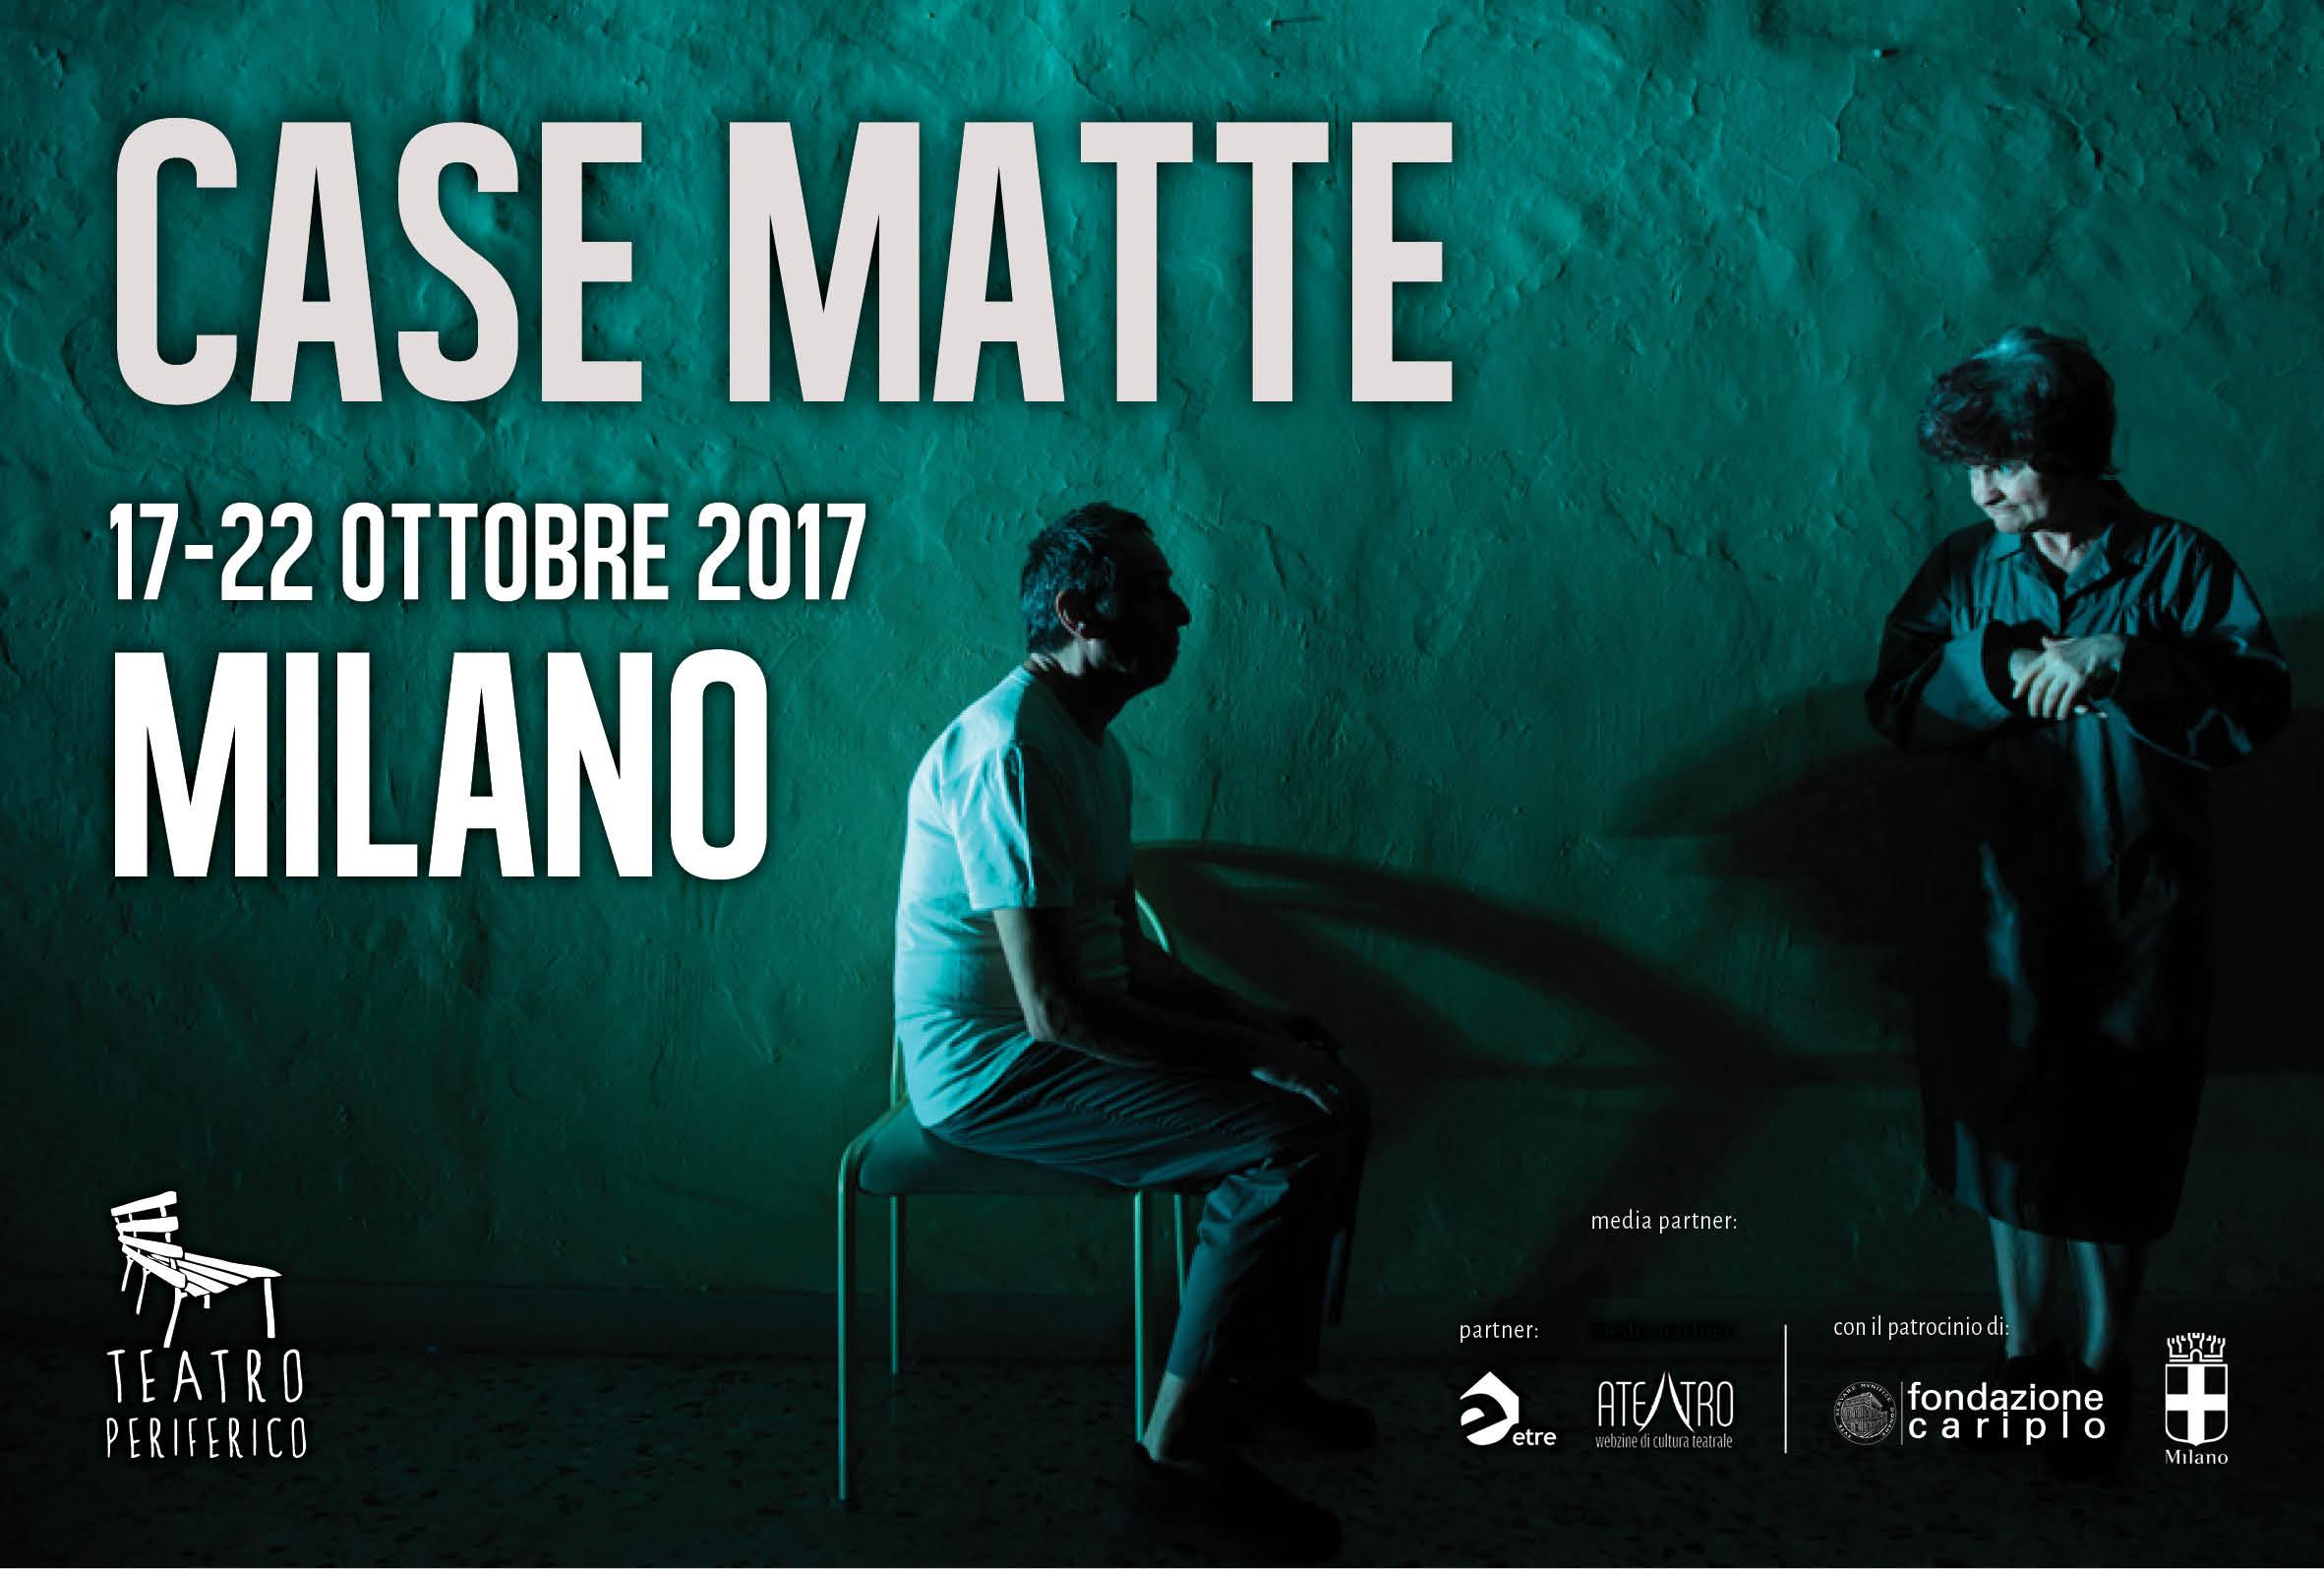 Immagine CASE MATTE sito Milano